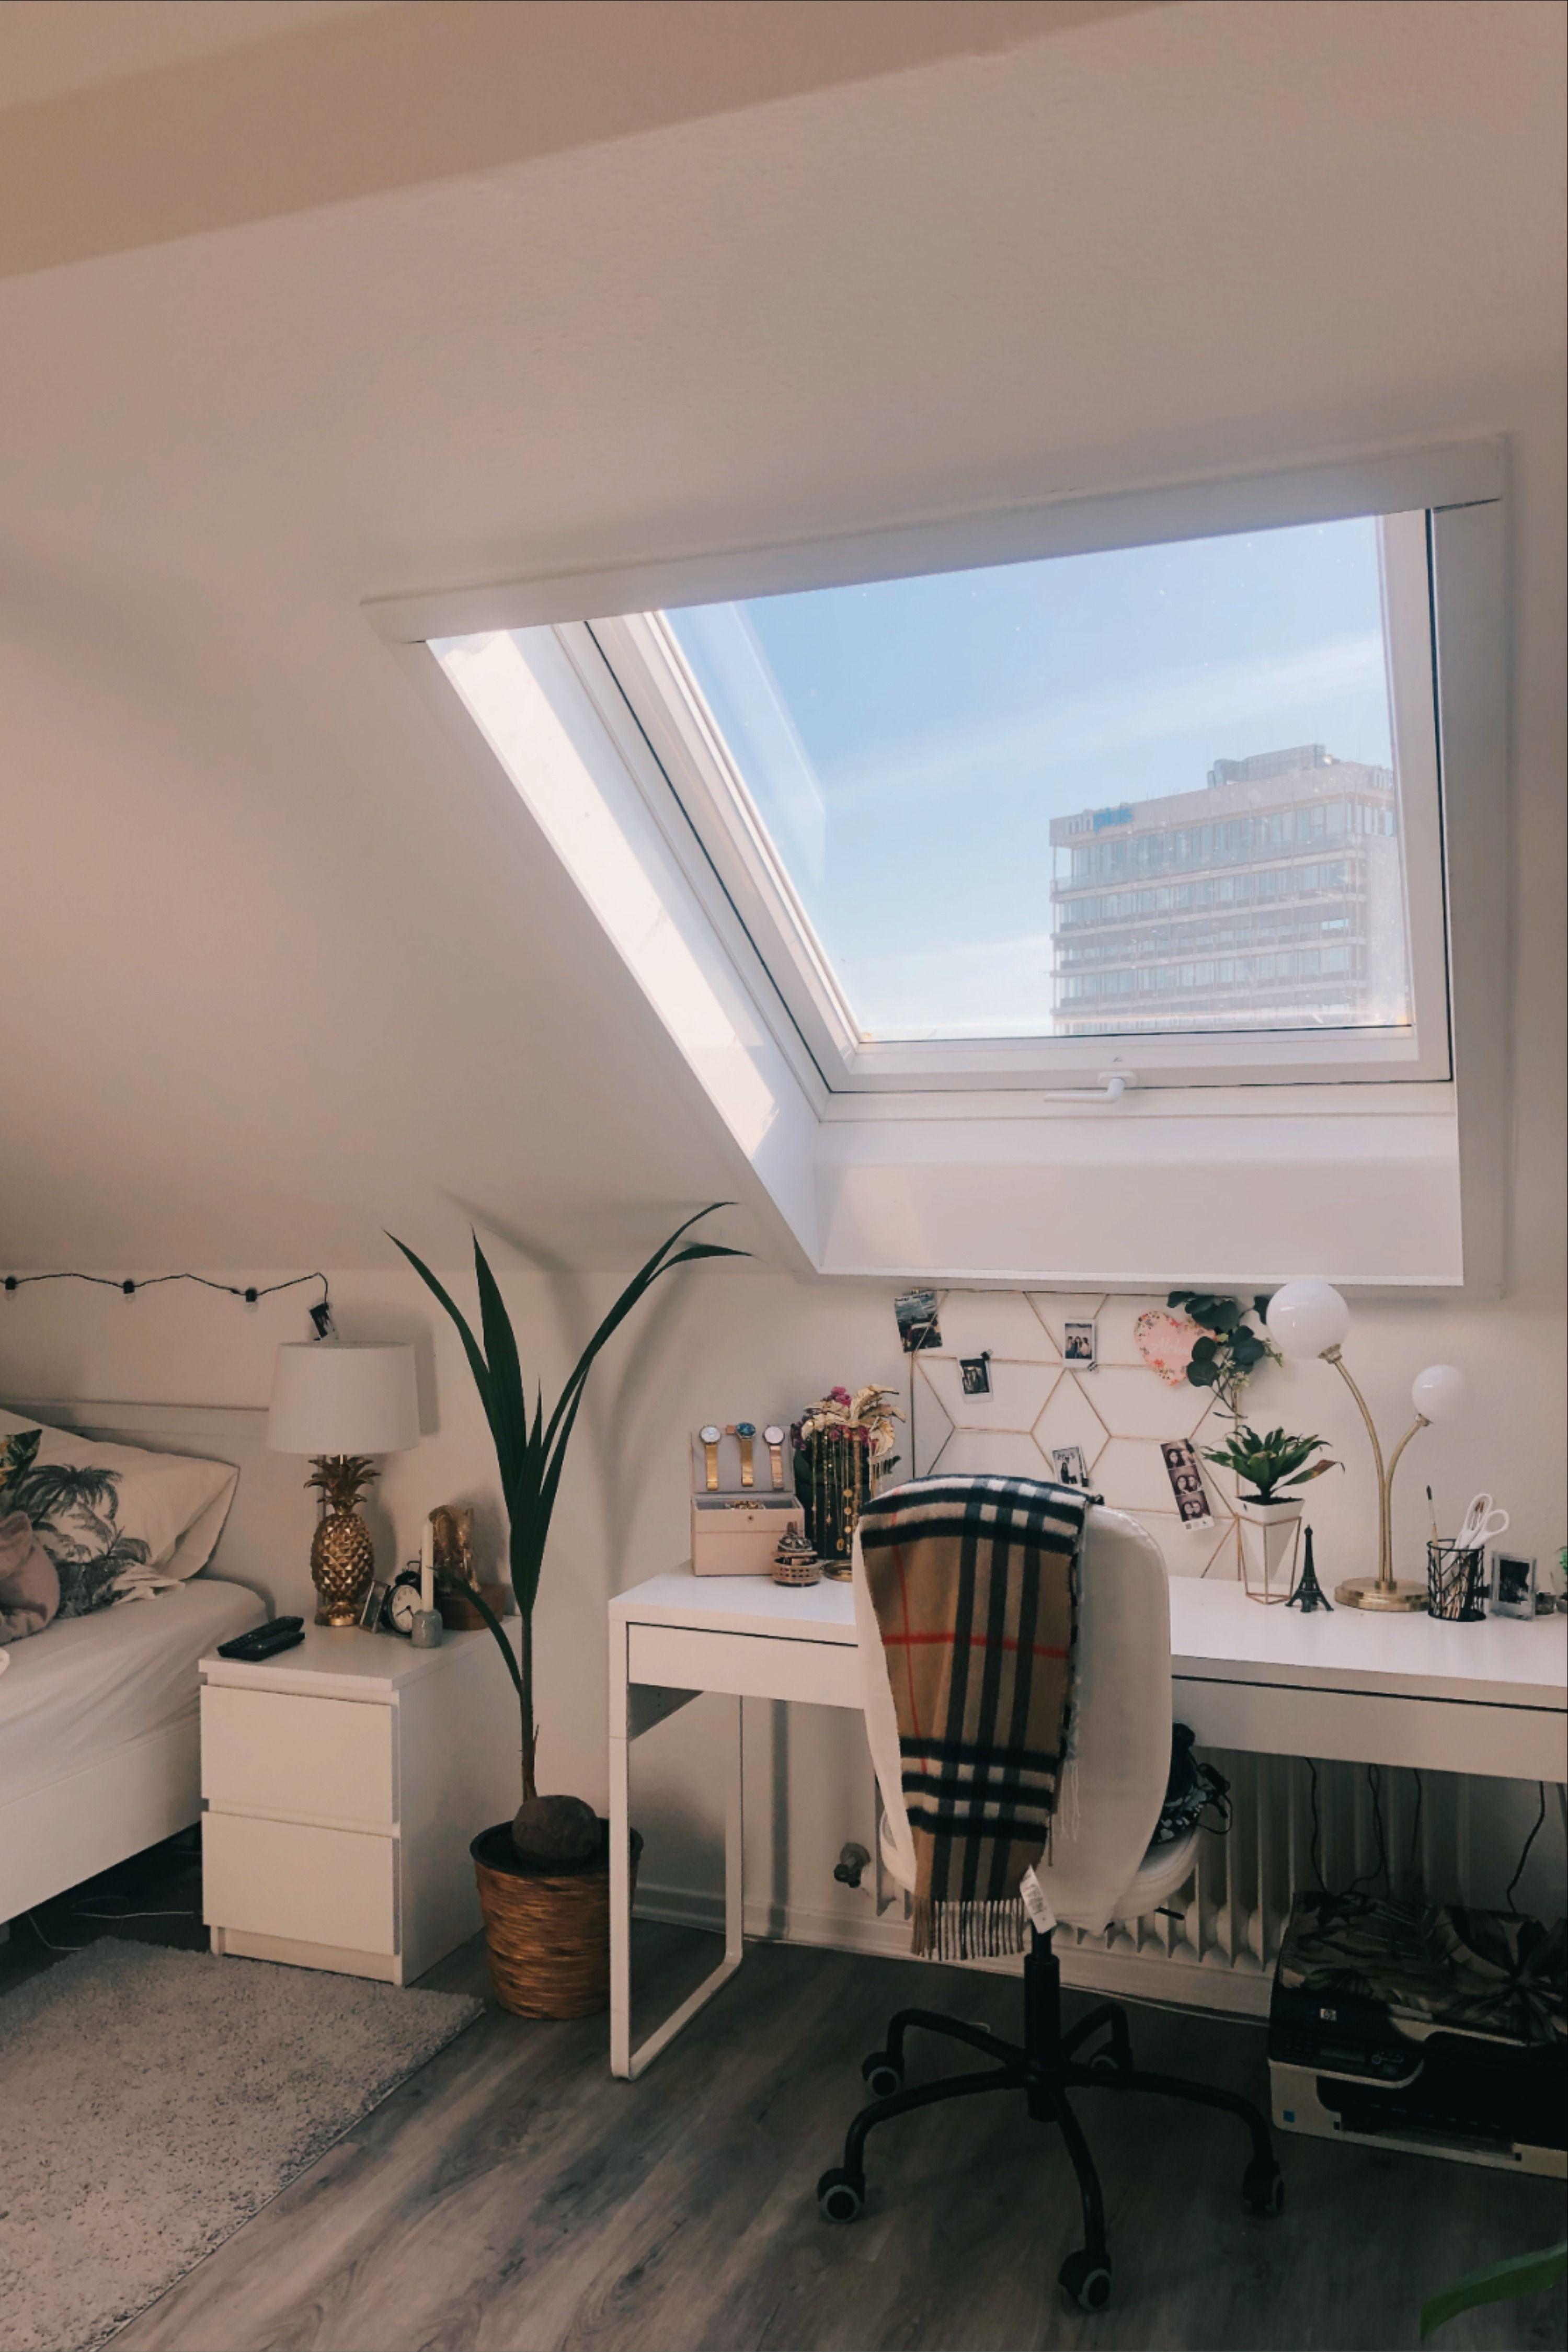 Heller Arbeitsplatz Unterm Dachfenster Zimmer Mit Dachschräge Einrichten Zimmer Einrichten Jugendzimmer Dachzimmer Einrichten